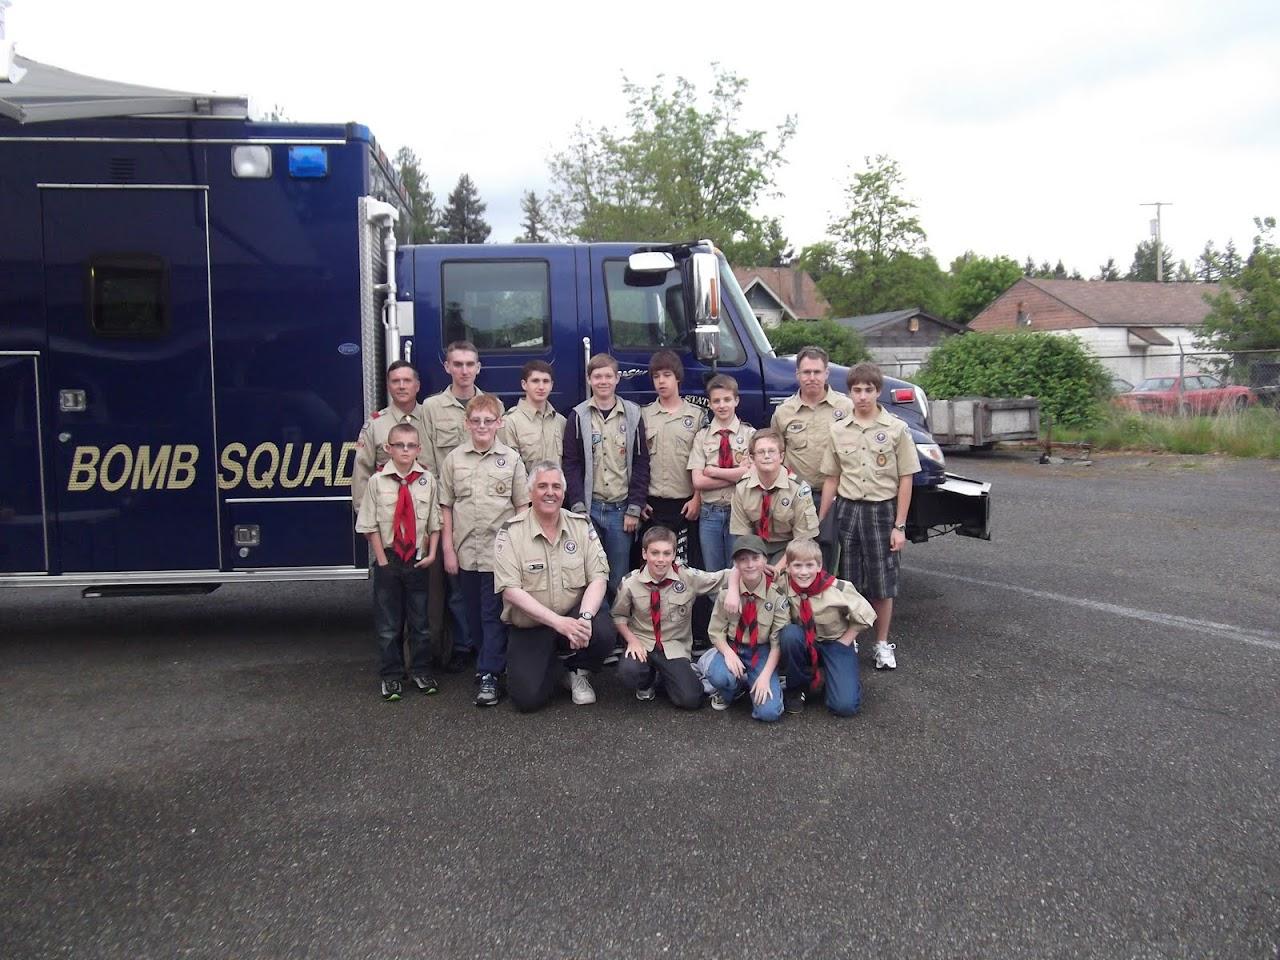 2011 Drug Talk and Bomb Squad - DSCF0629.JPG